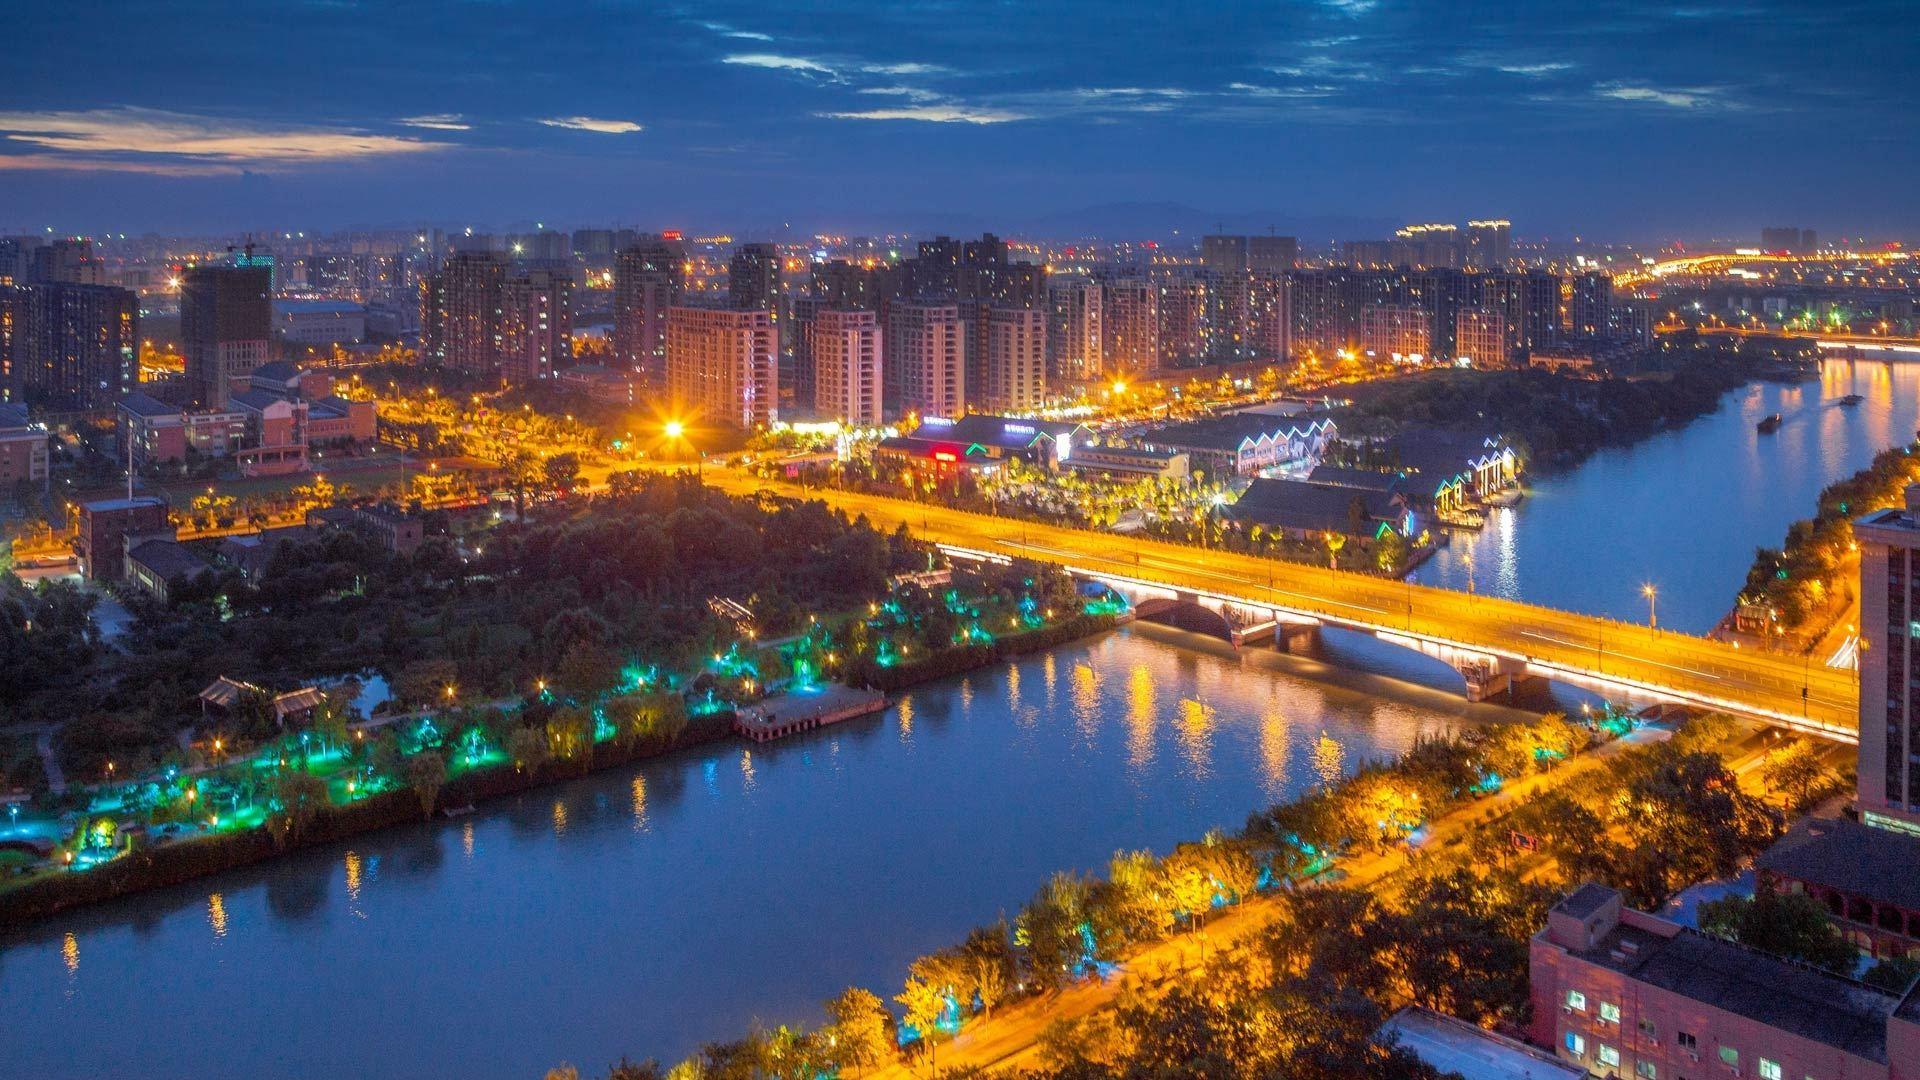 山东青岛市城市街道图片